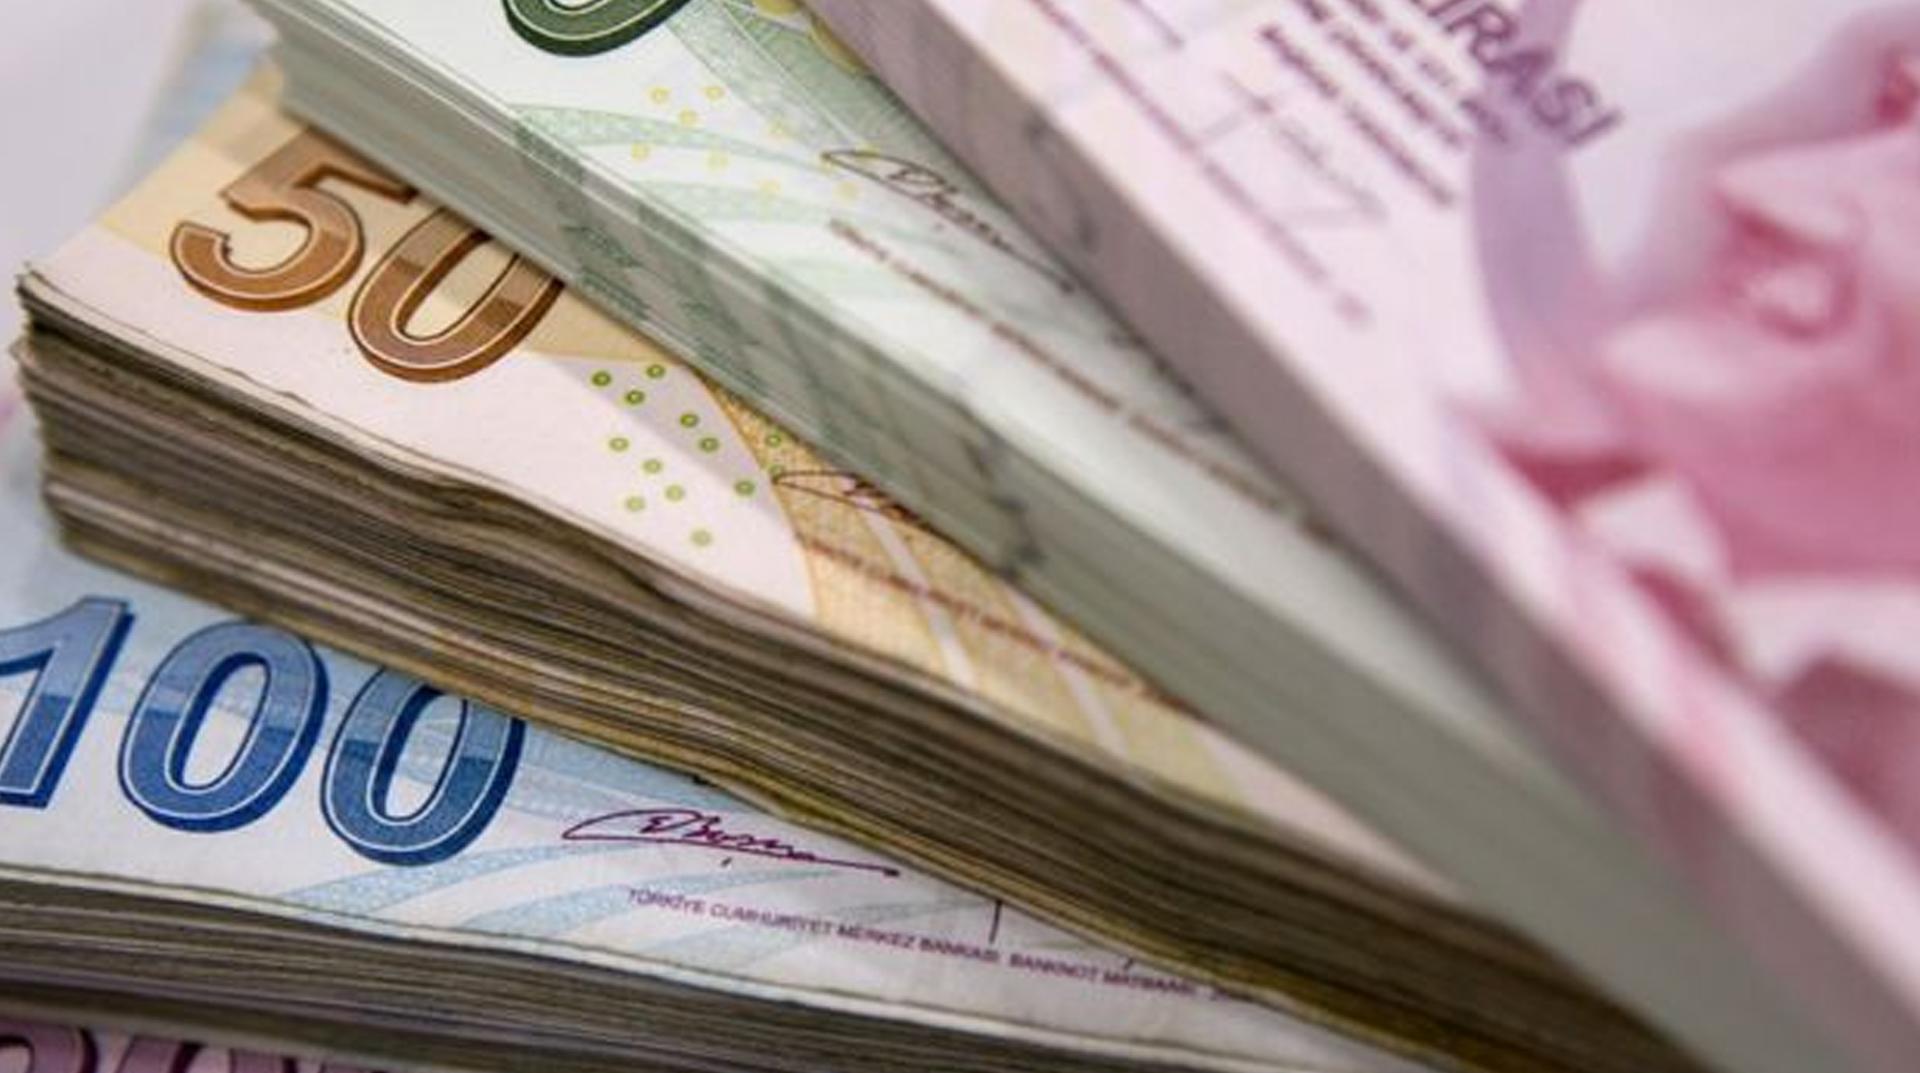 Merkezi Yönetim verileri açıklandı: Bütçe Temmuz ayında 9,9 milyar TL fazla verdi